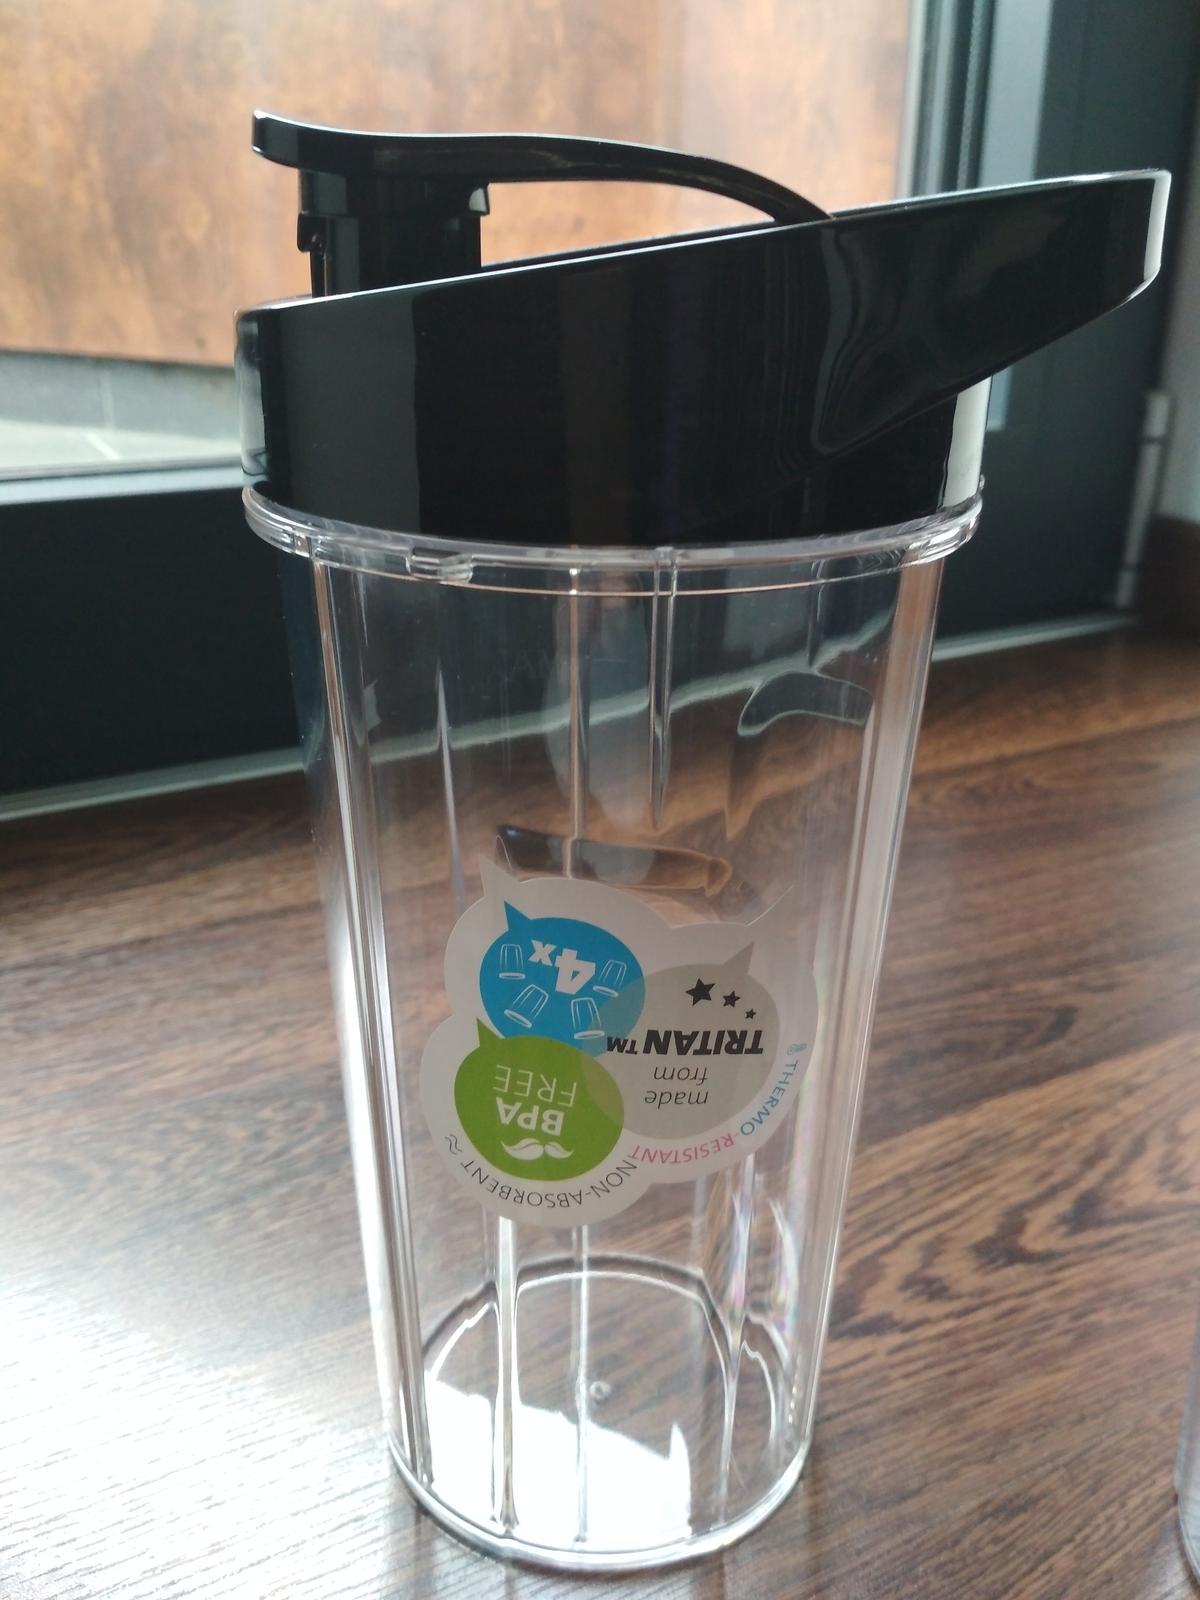 nové nádoby Eta na smoothie s viečkom na pitie 700ml - Obrázok č. 3